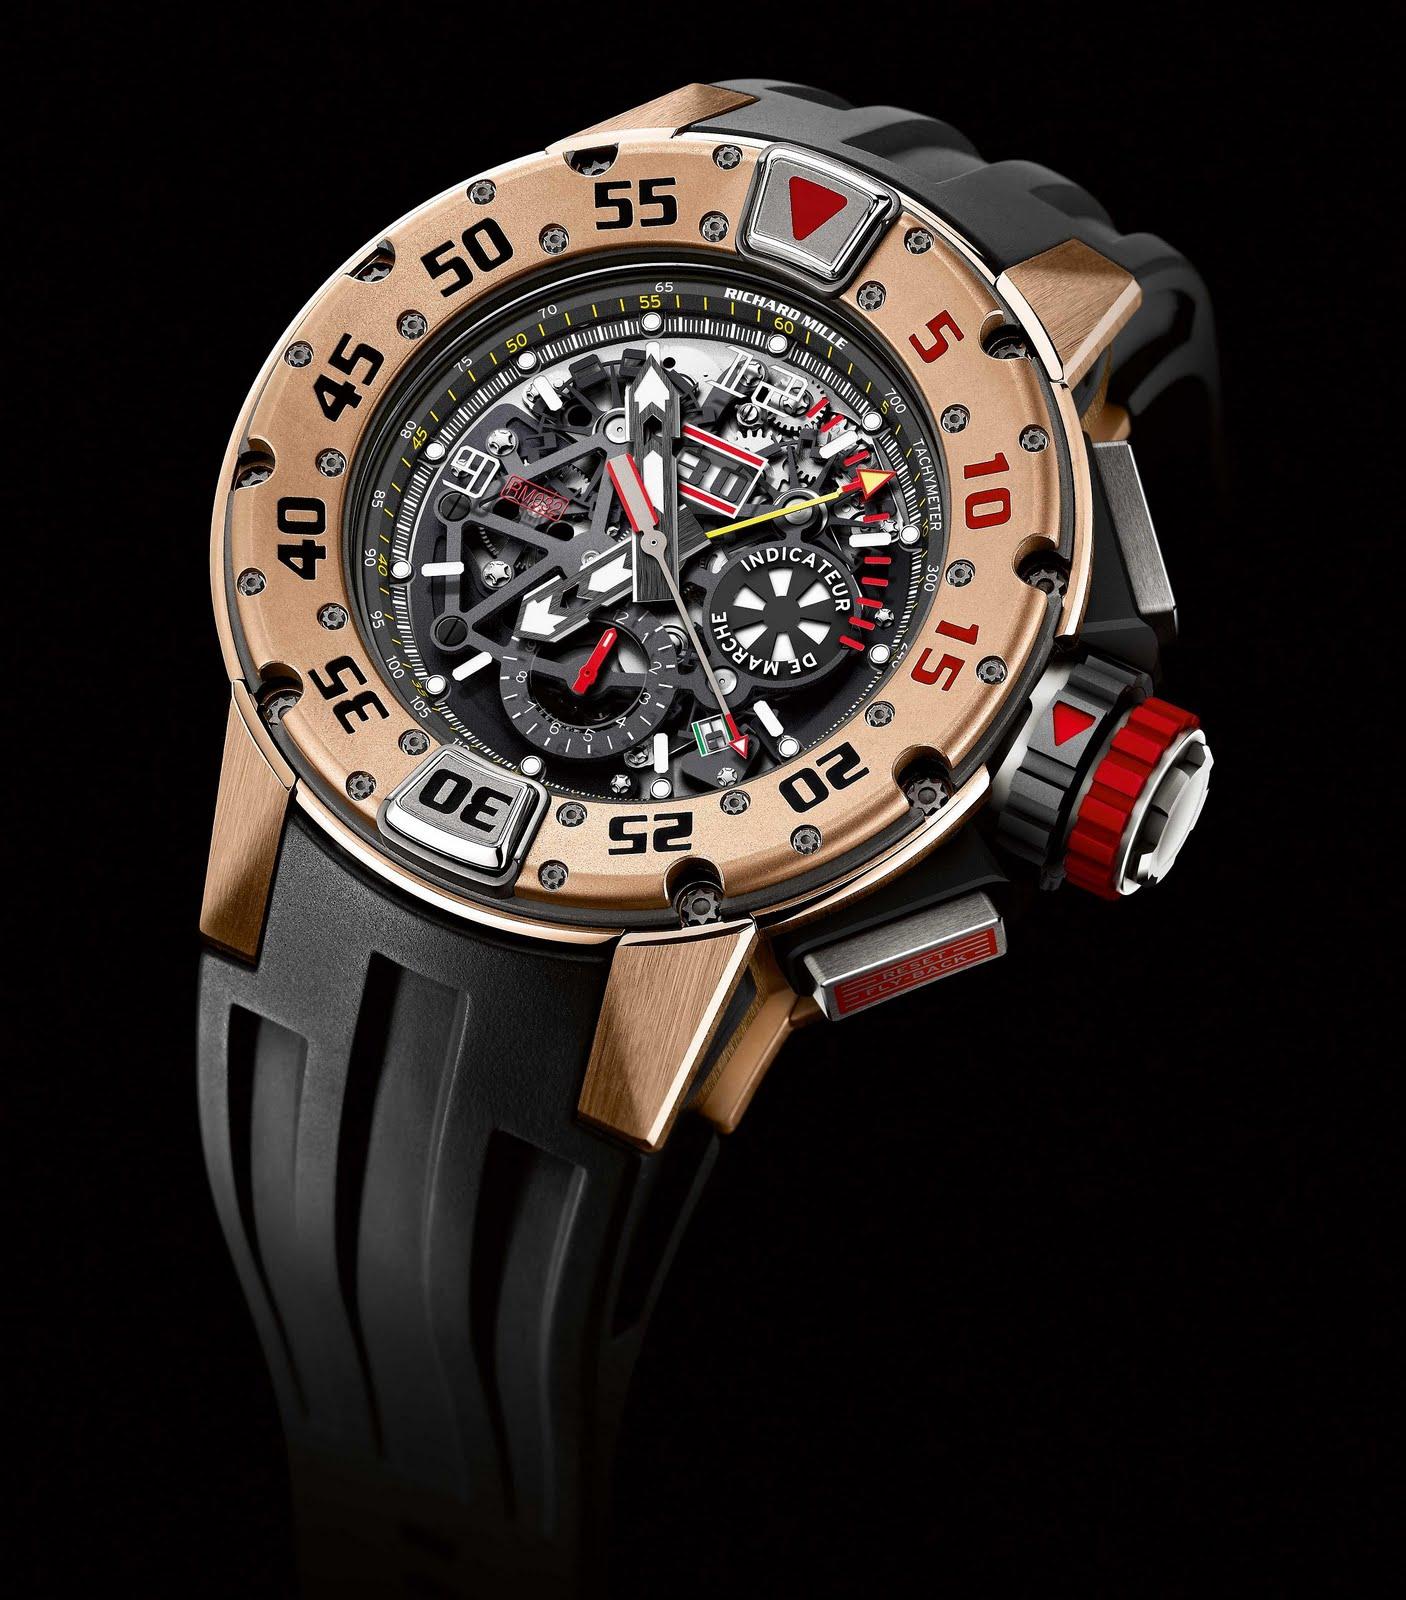 0c936ac0bc3 Chegado ao mercado - relógio Richard Mille Automatic Chronograph RM 032